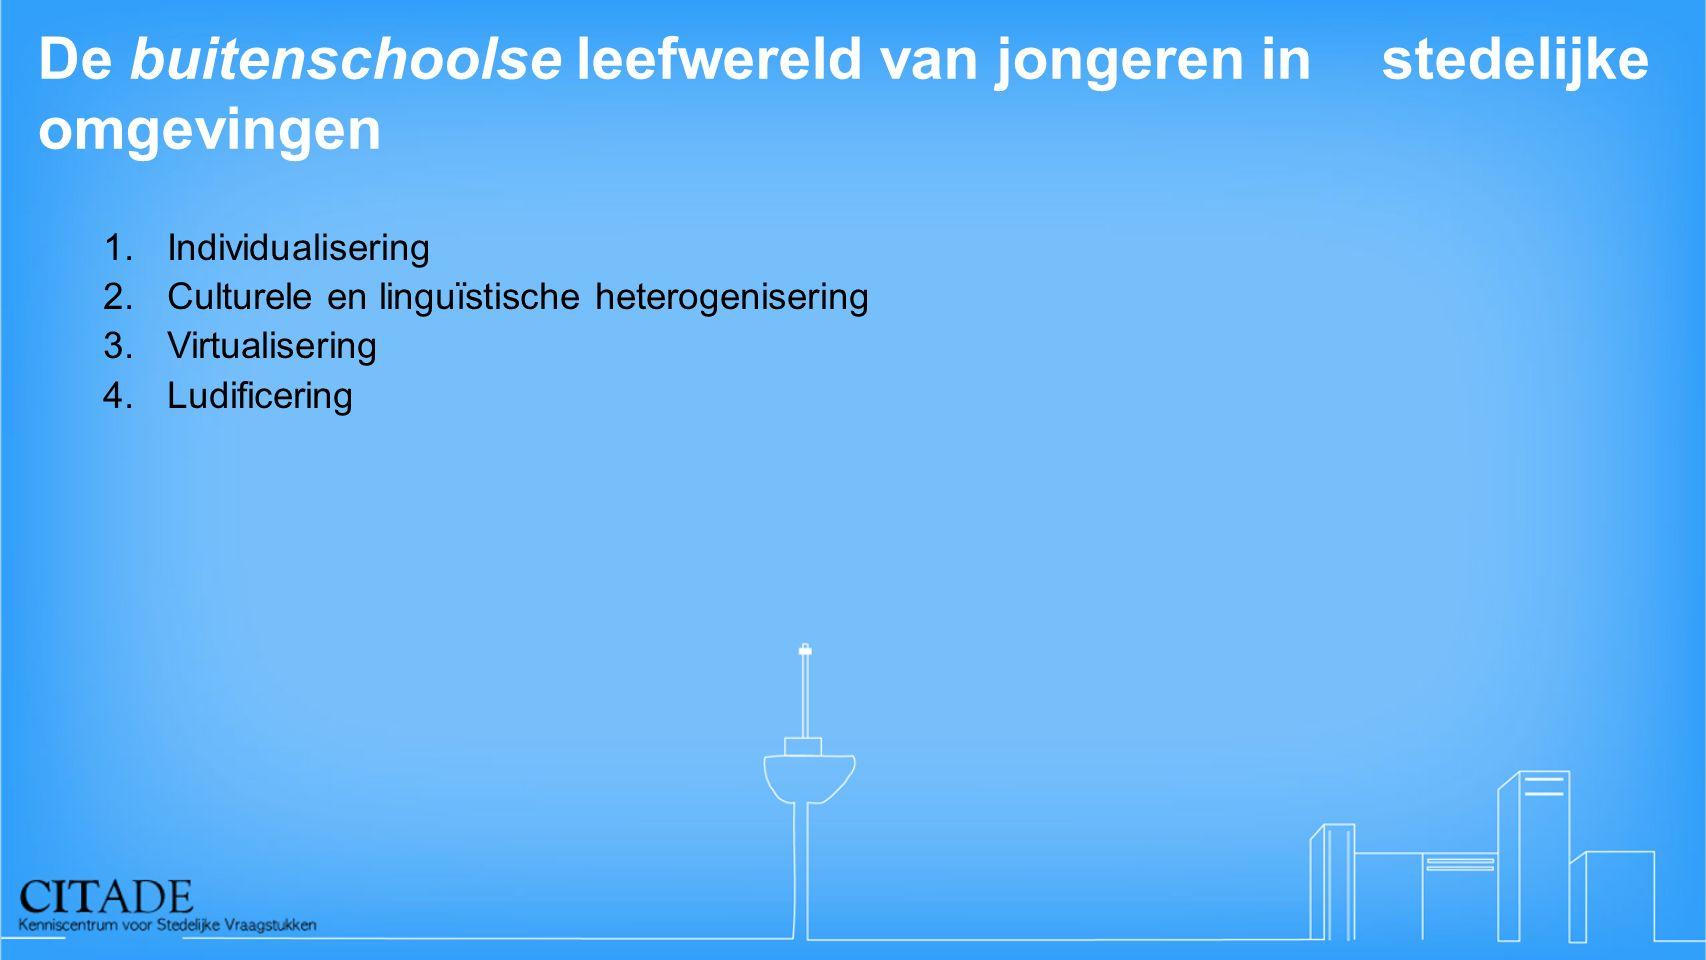 De buitenschoolse leefwereld van jongeren in stedelijke omgevingen 1.Individualisering 2.Culturele en linguïstische heterogenisering 3.Virtualisering 4.Ludificering